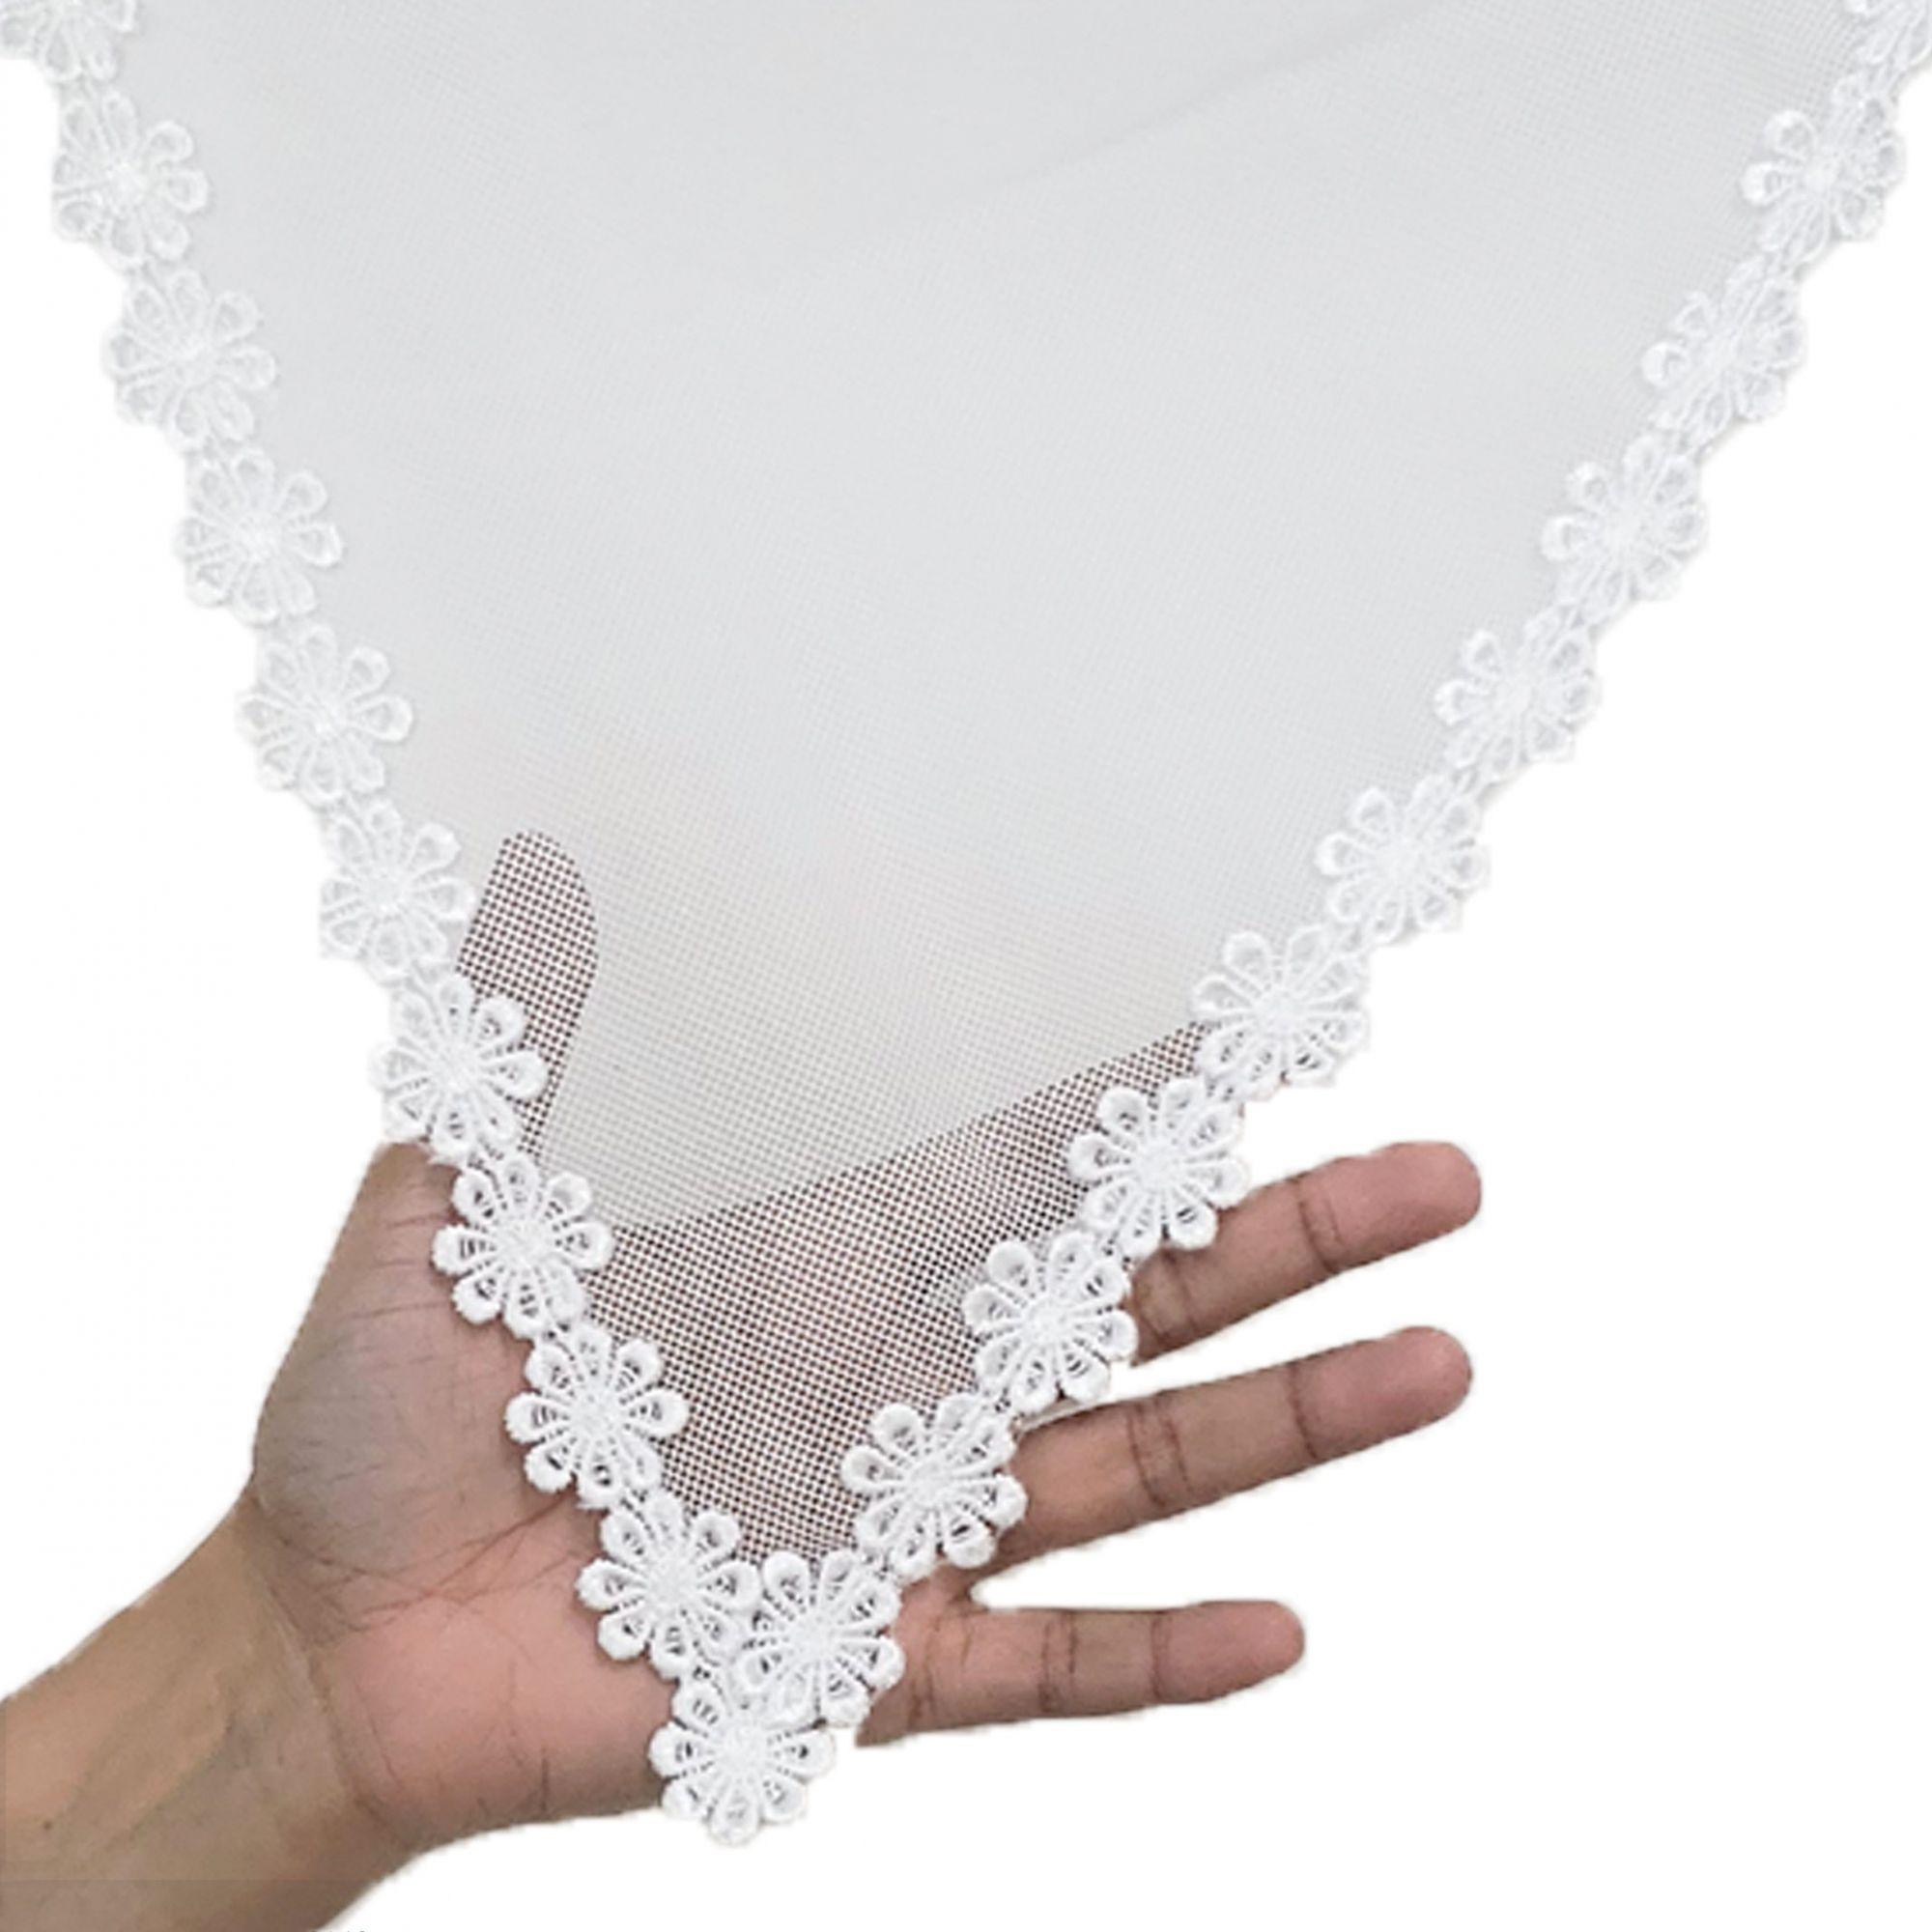 Véu CCB Tecido de Algodão Filó Renda CHL-207-25